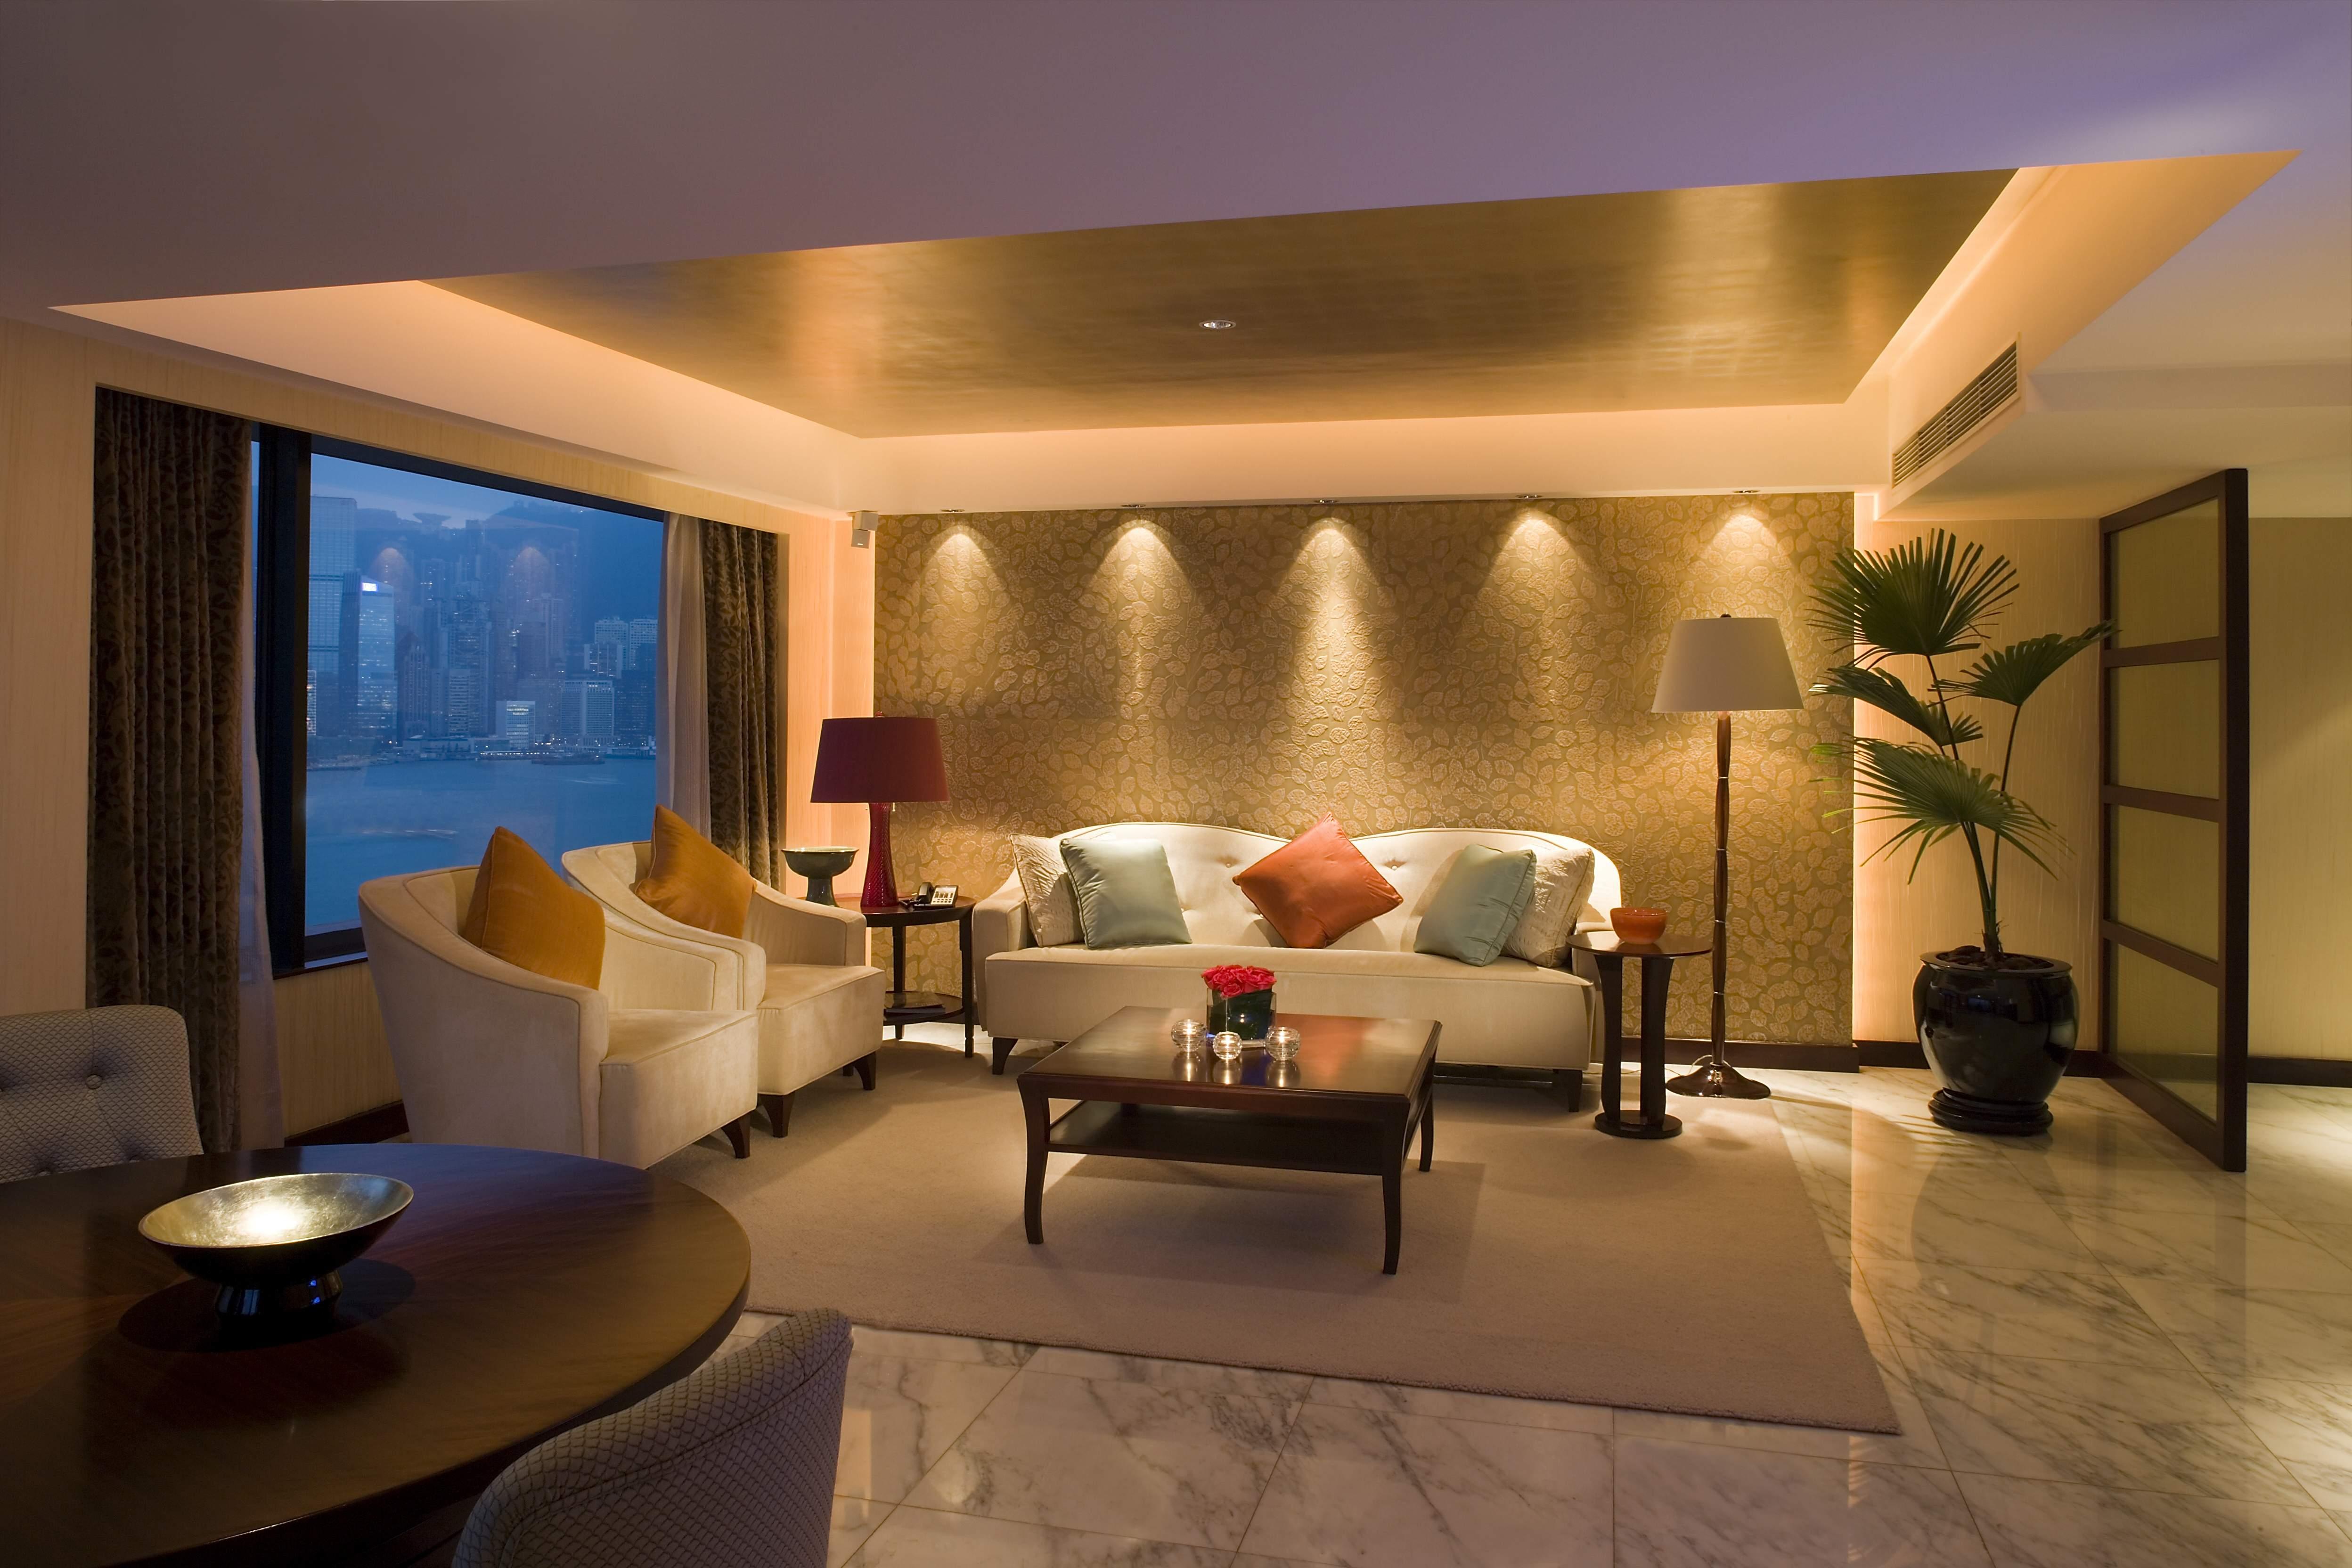 beleuchtungsst rke tipps tricks f r optimale beleuchtung. Black Bedroom Furniture Sets. Home Design Ideas